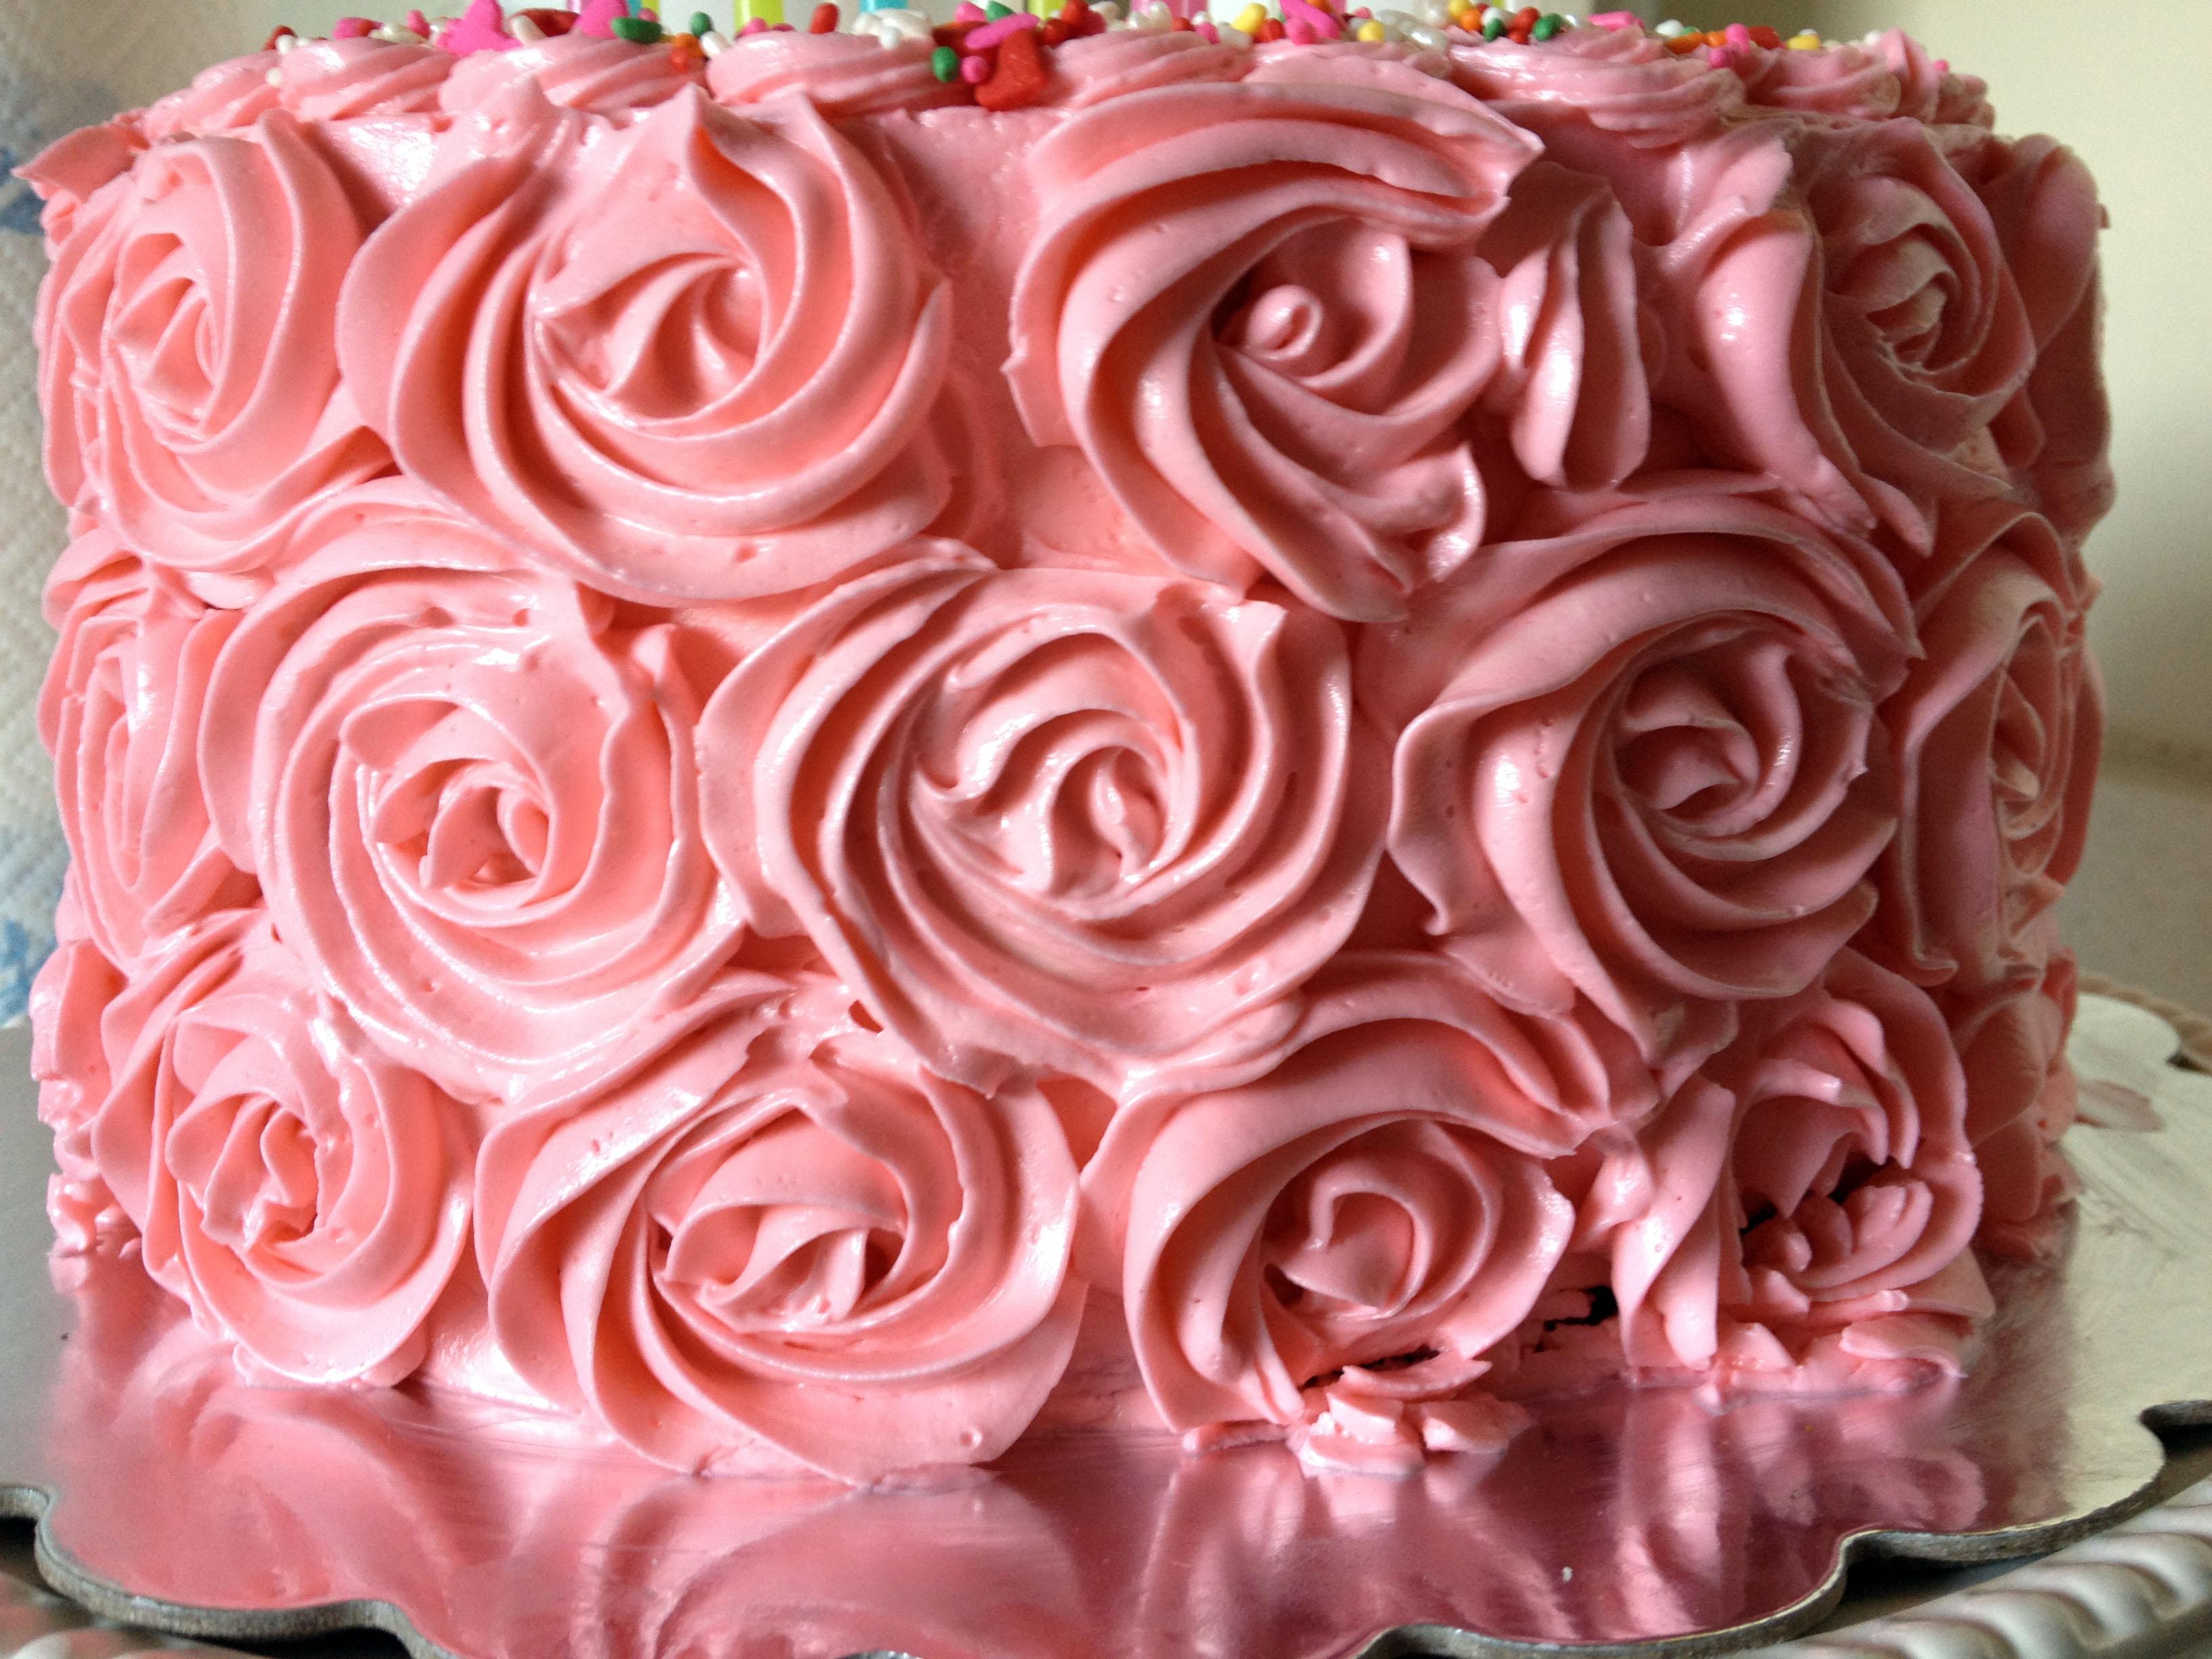 5 Red Velvet Rosette Cupcakes Photo Red Velvet Cake With Rosettes